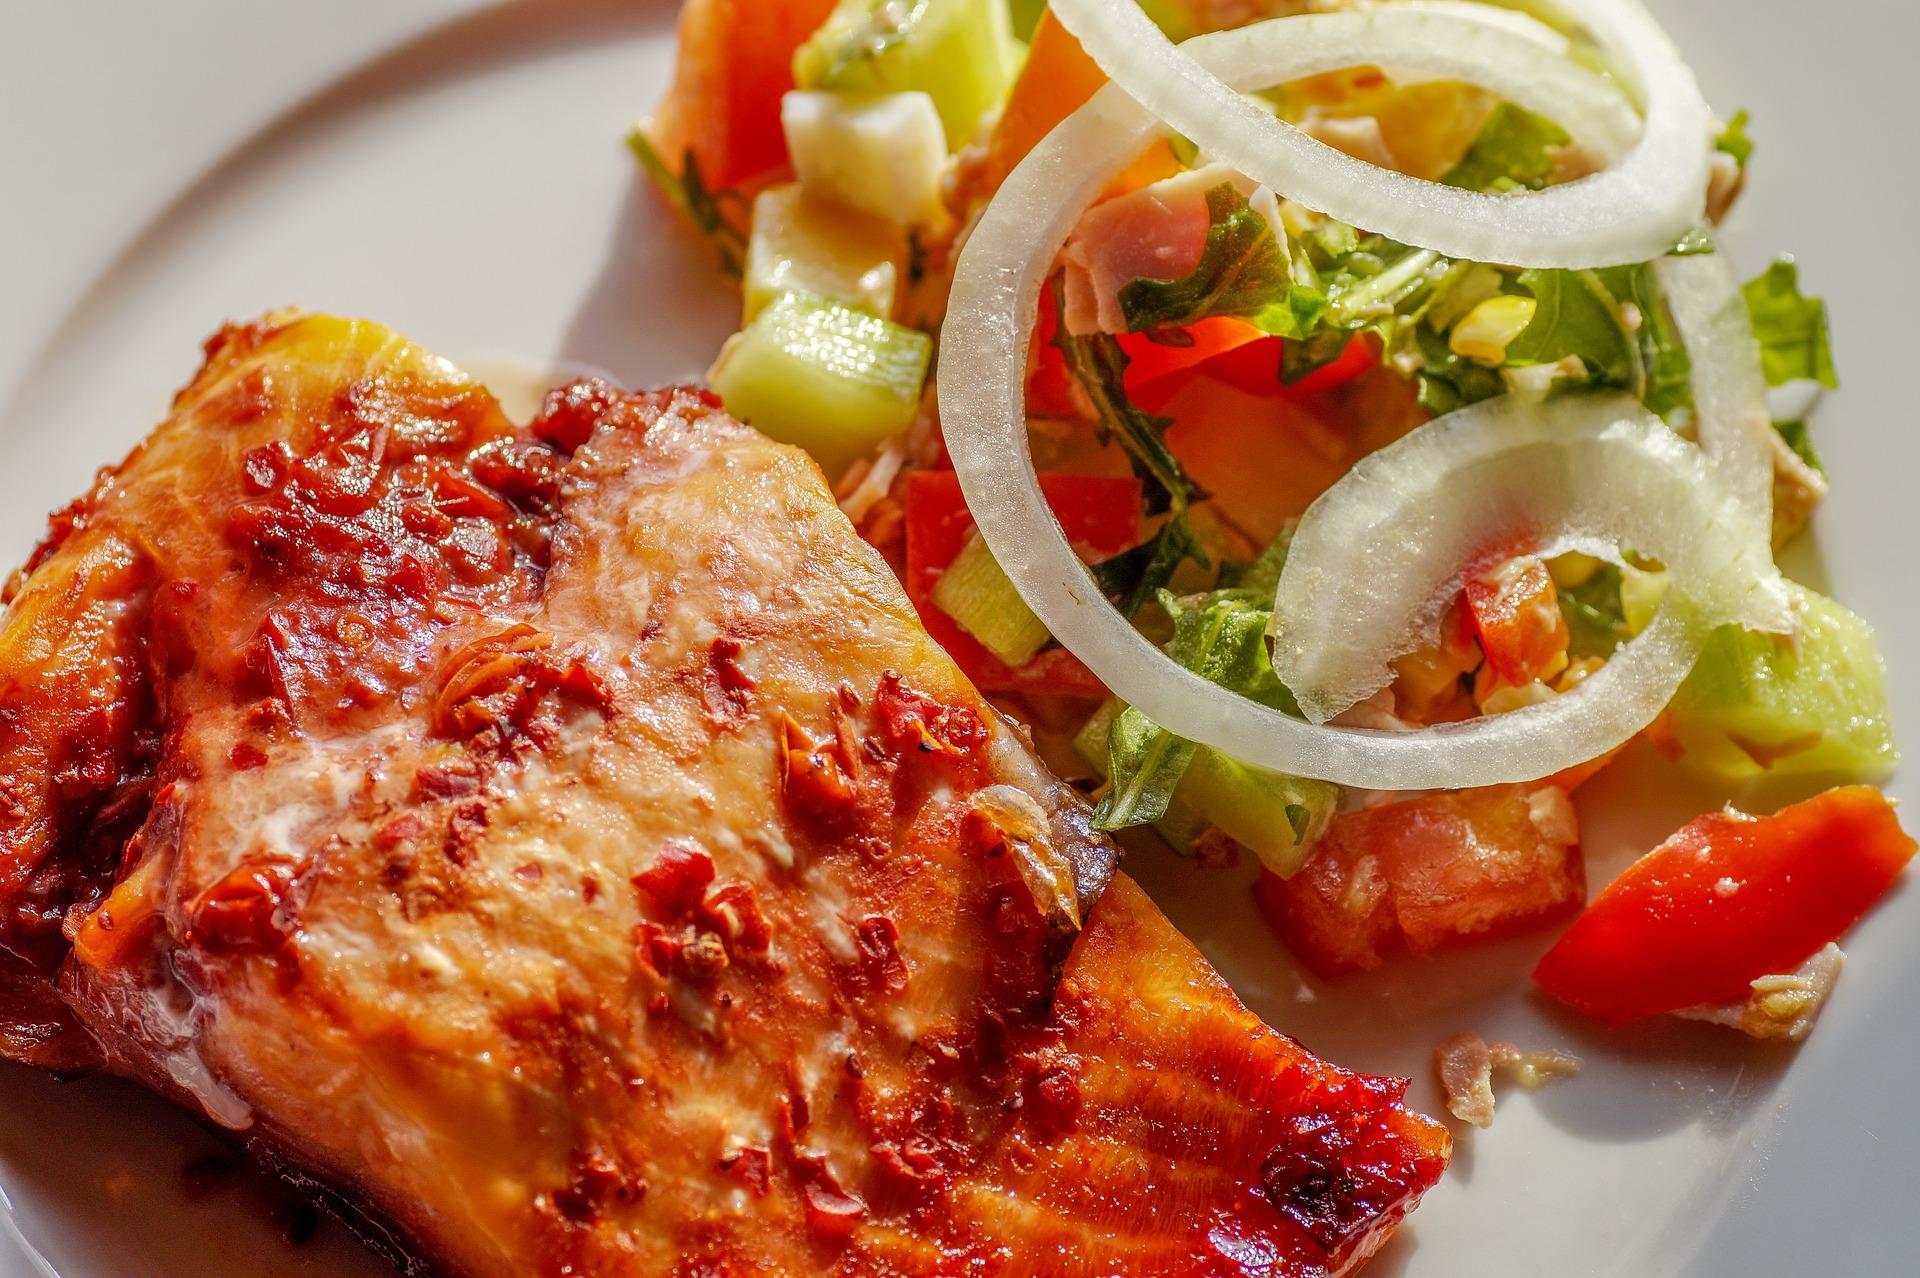 Kalorien sparen beim Abendessen